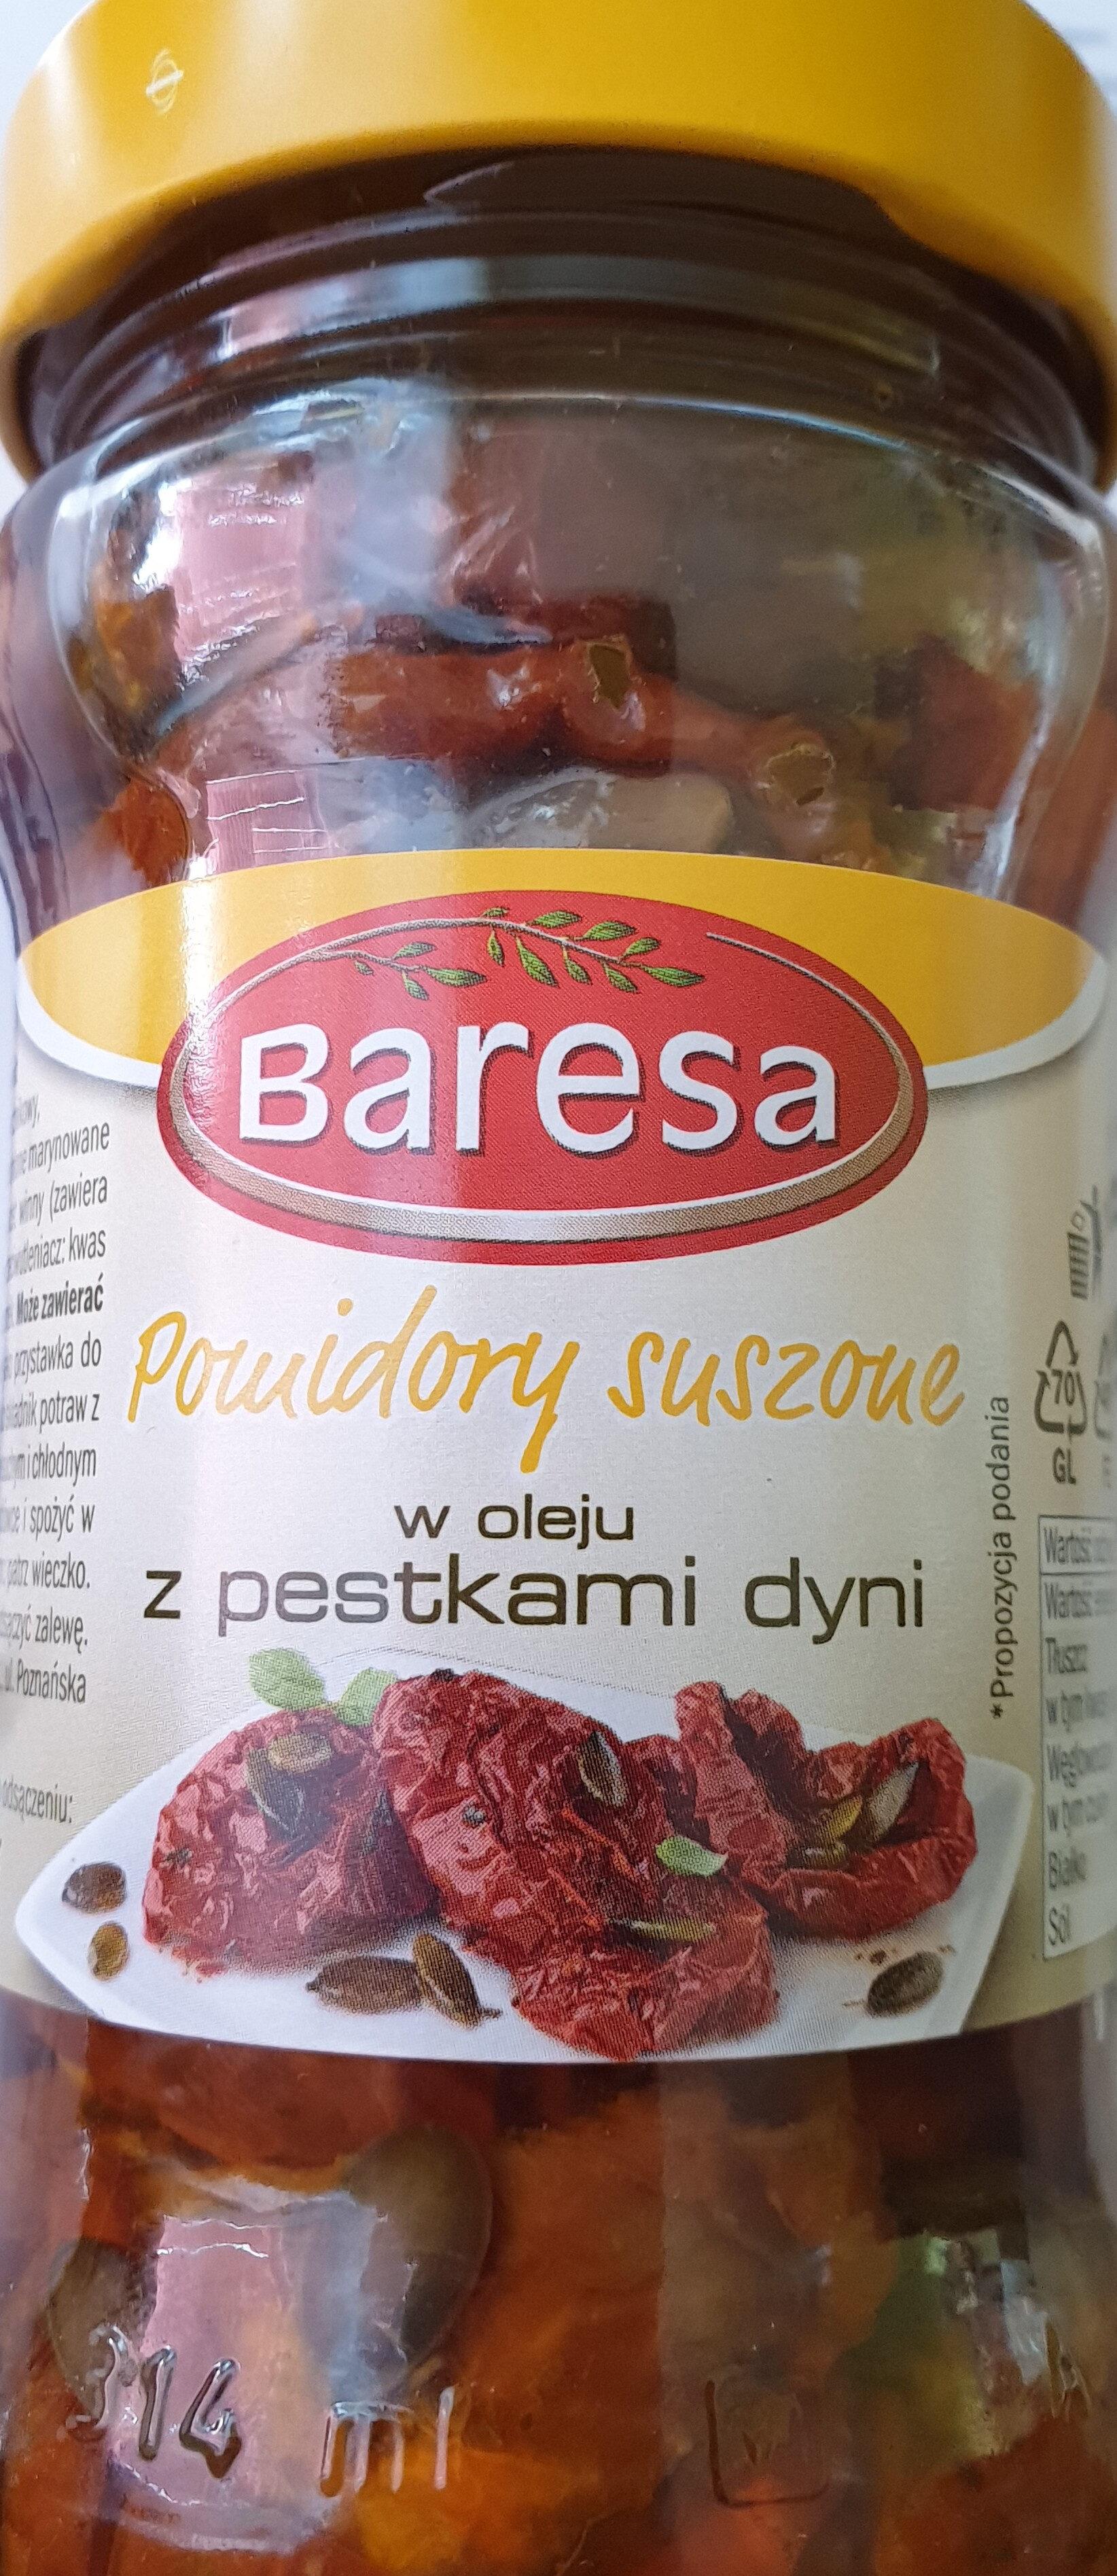 Pomidory suszone w oleju z pestkami dyni - Product - pl